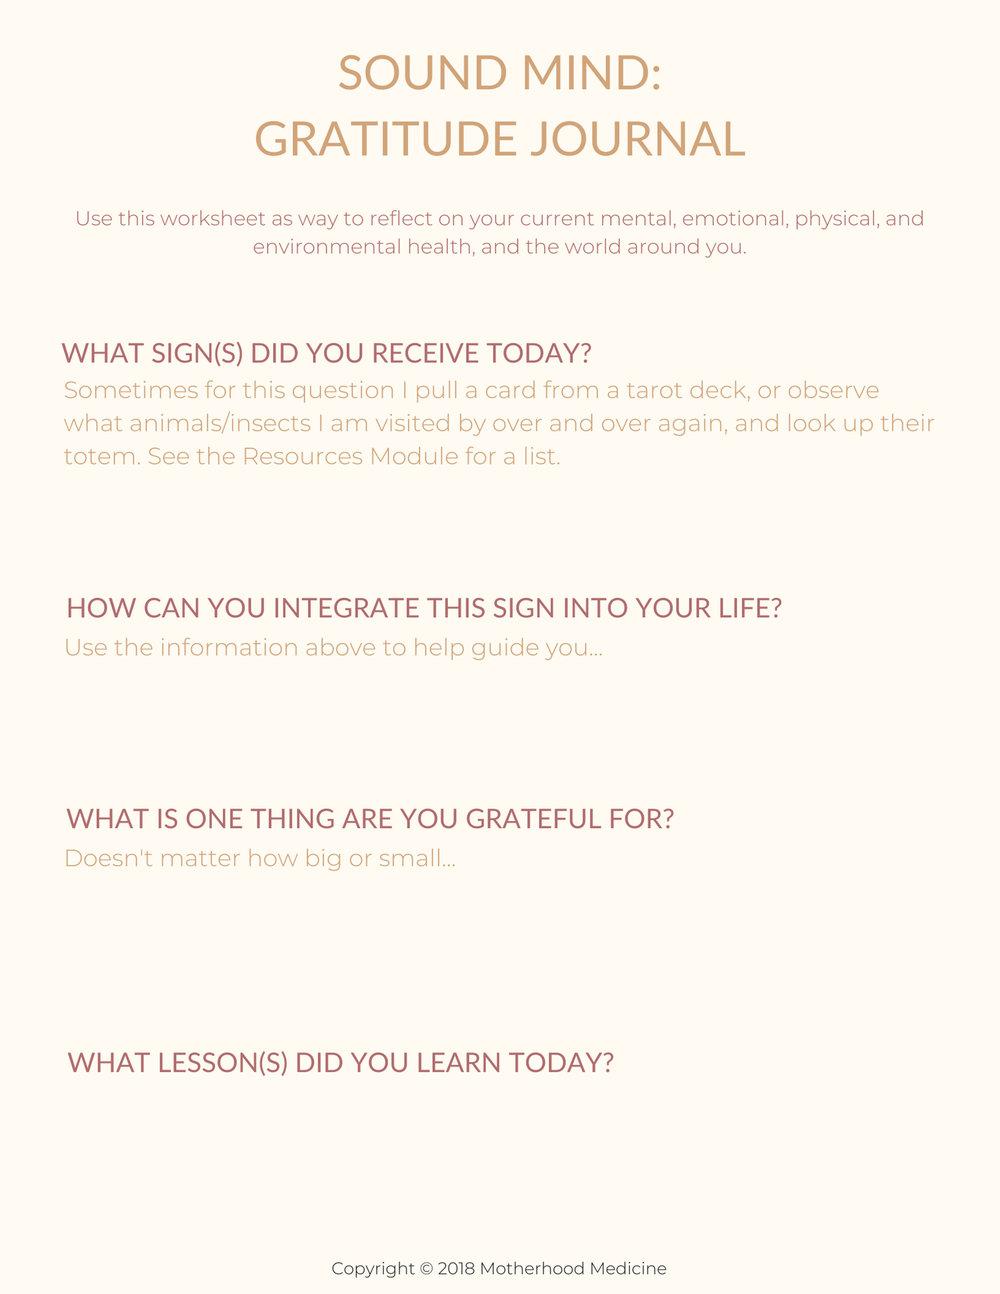 Gratitude+journal.jpg